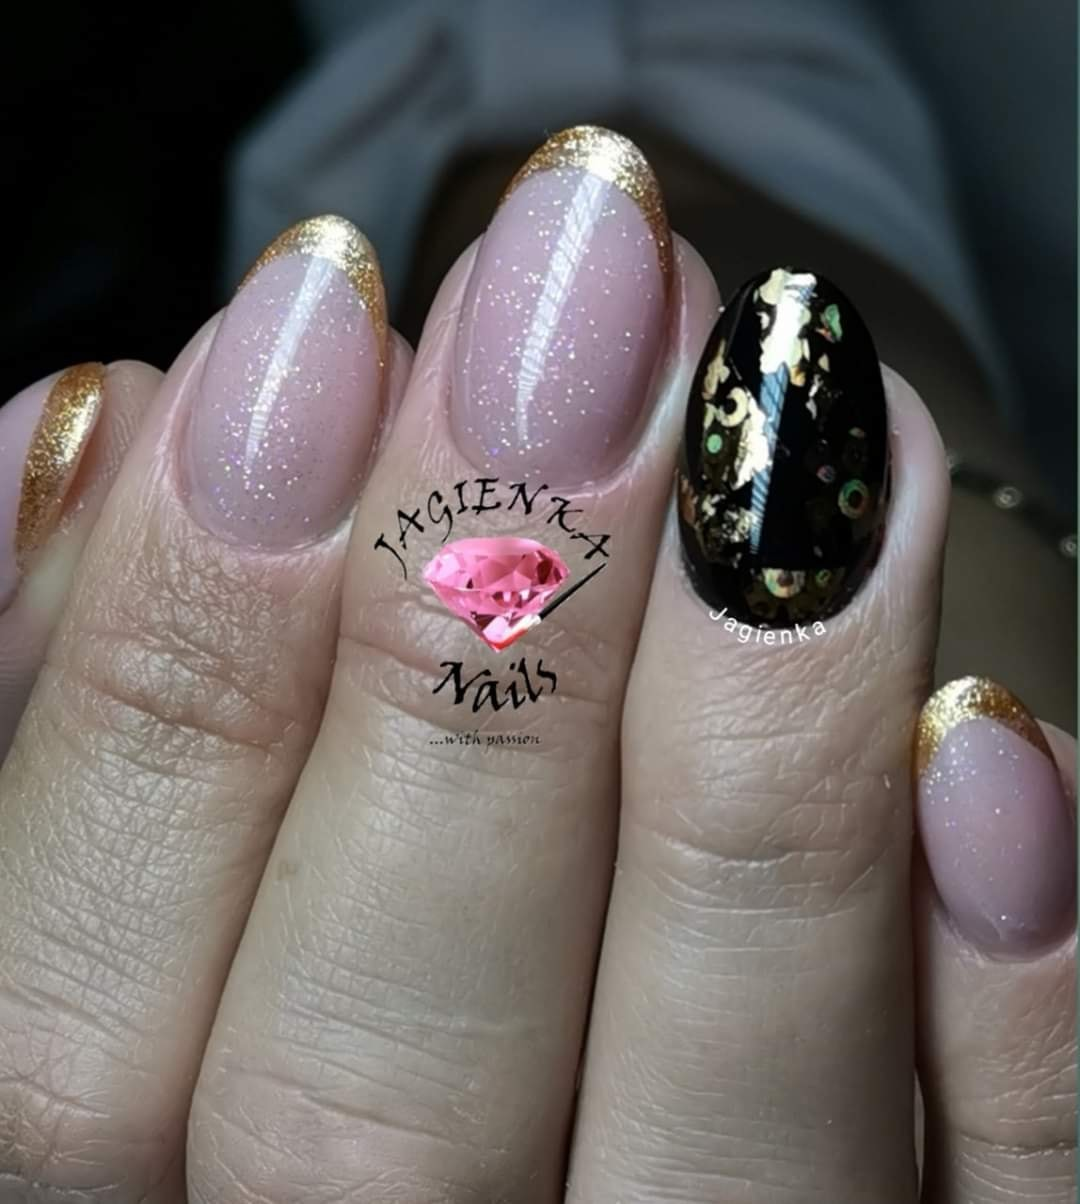 złoty french na paznokciach